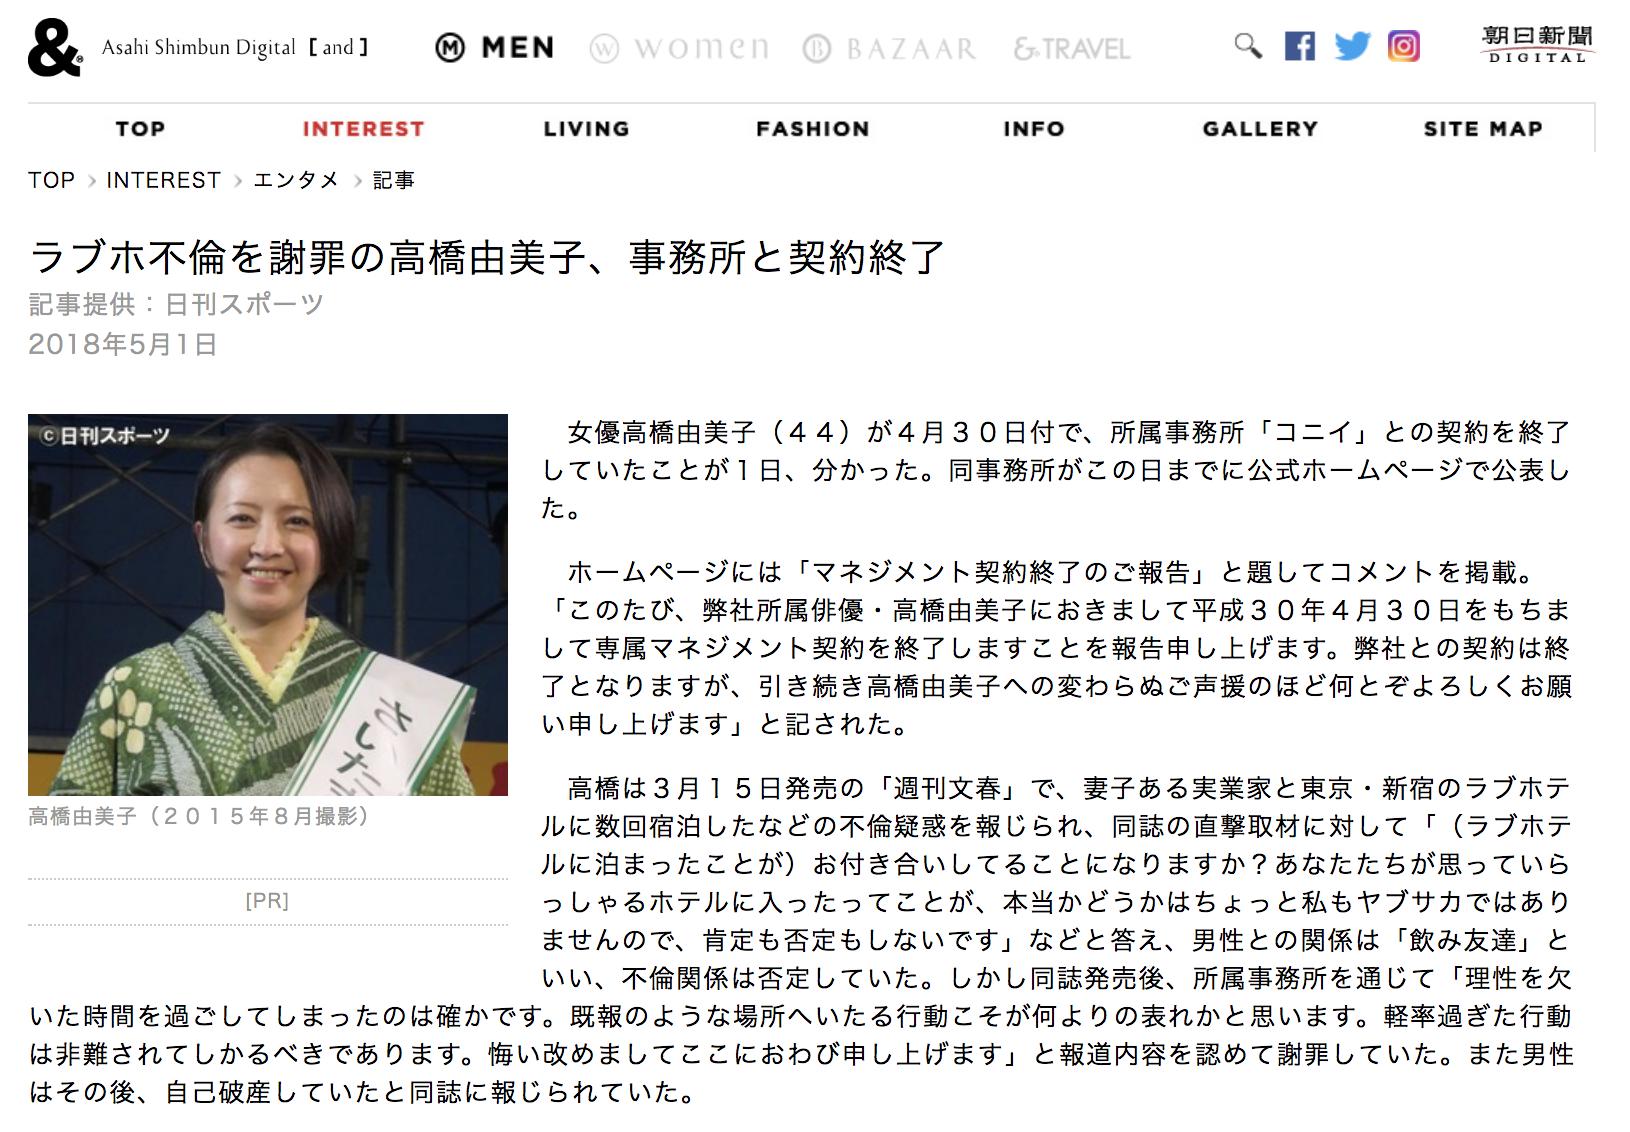 ラブホ不倫を謝罪の高橋由美子、事務所と契約終了